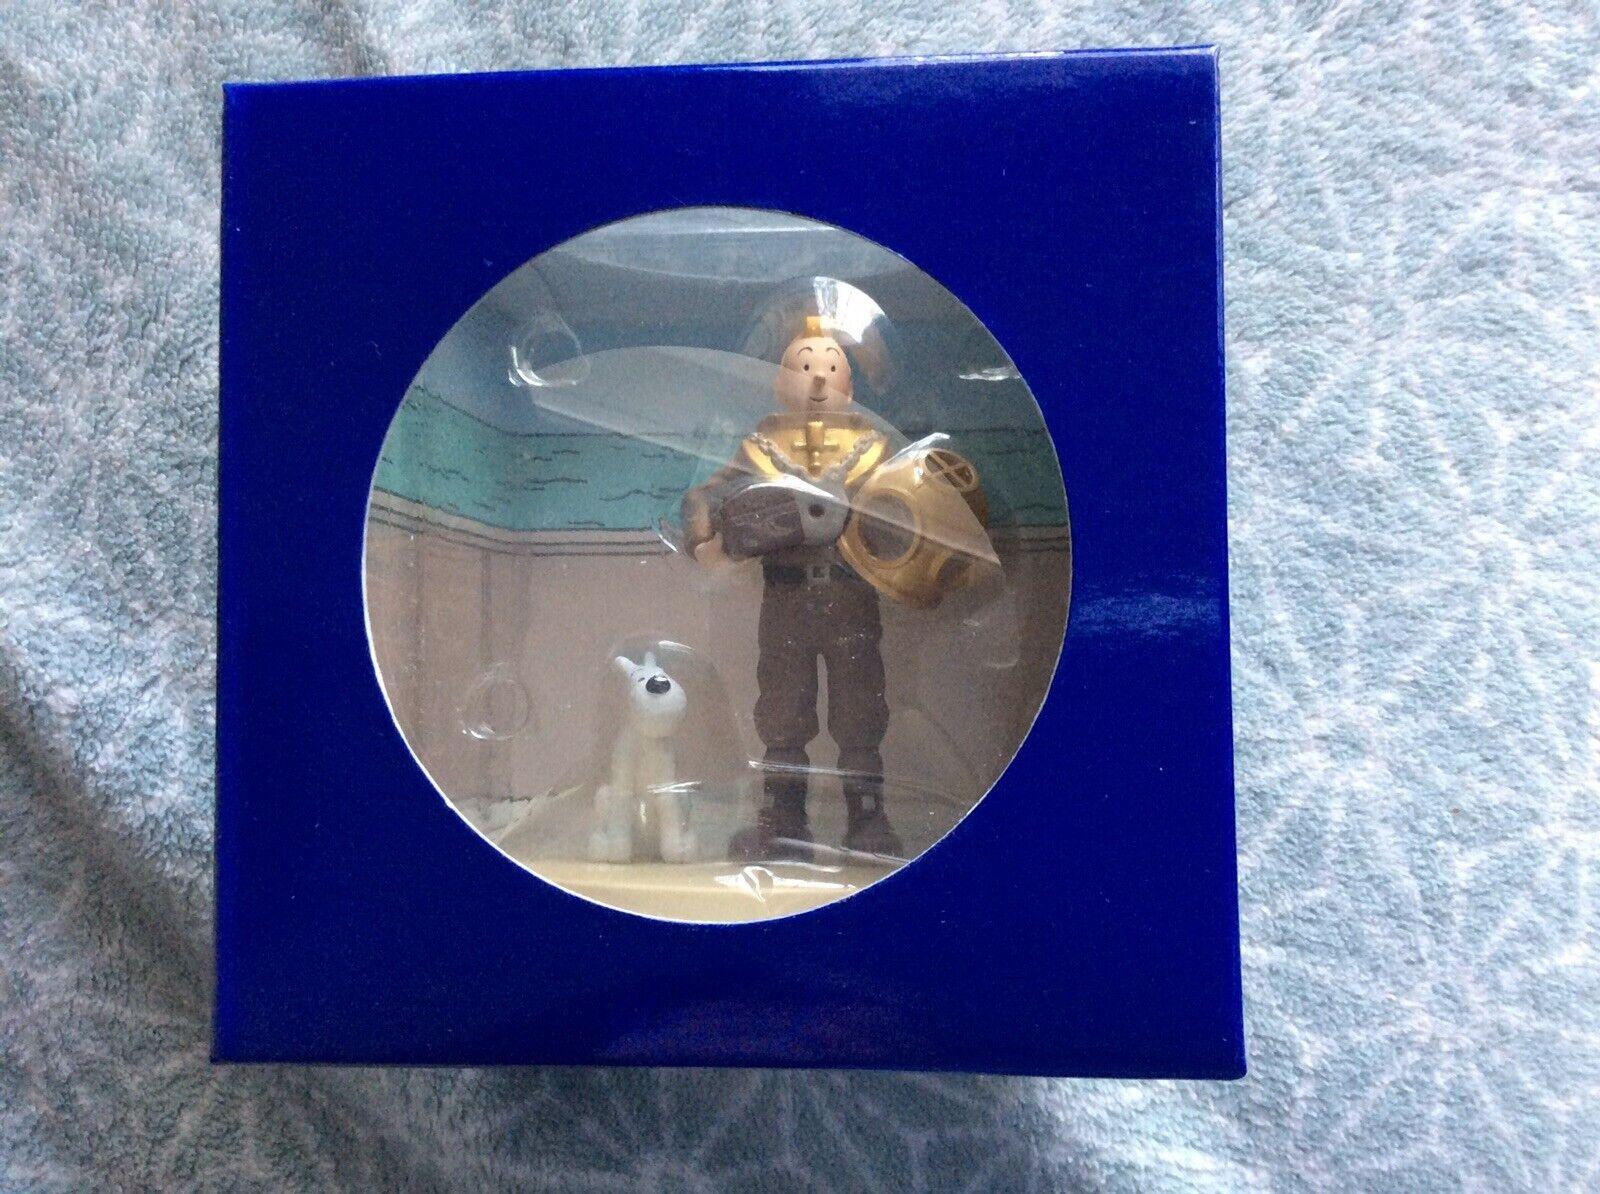 COFFRET MOULINSART SCENE PLASTIQUE PLASTIQUE PLASTIQUE TINTIN SCAPHANDRE NEUF e54d55